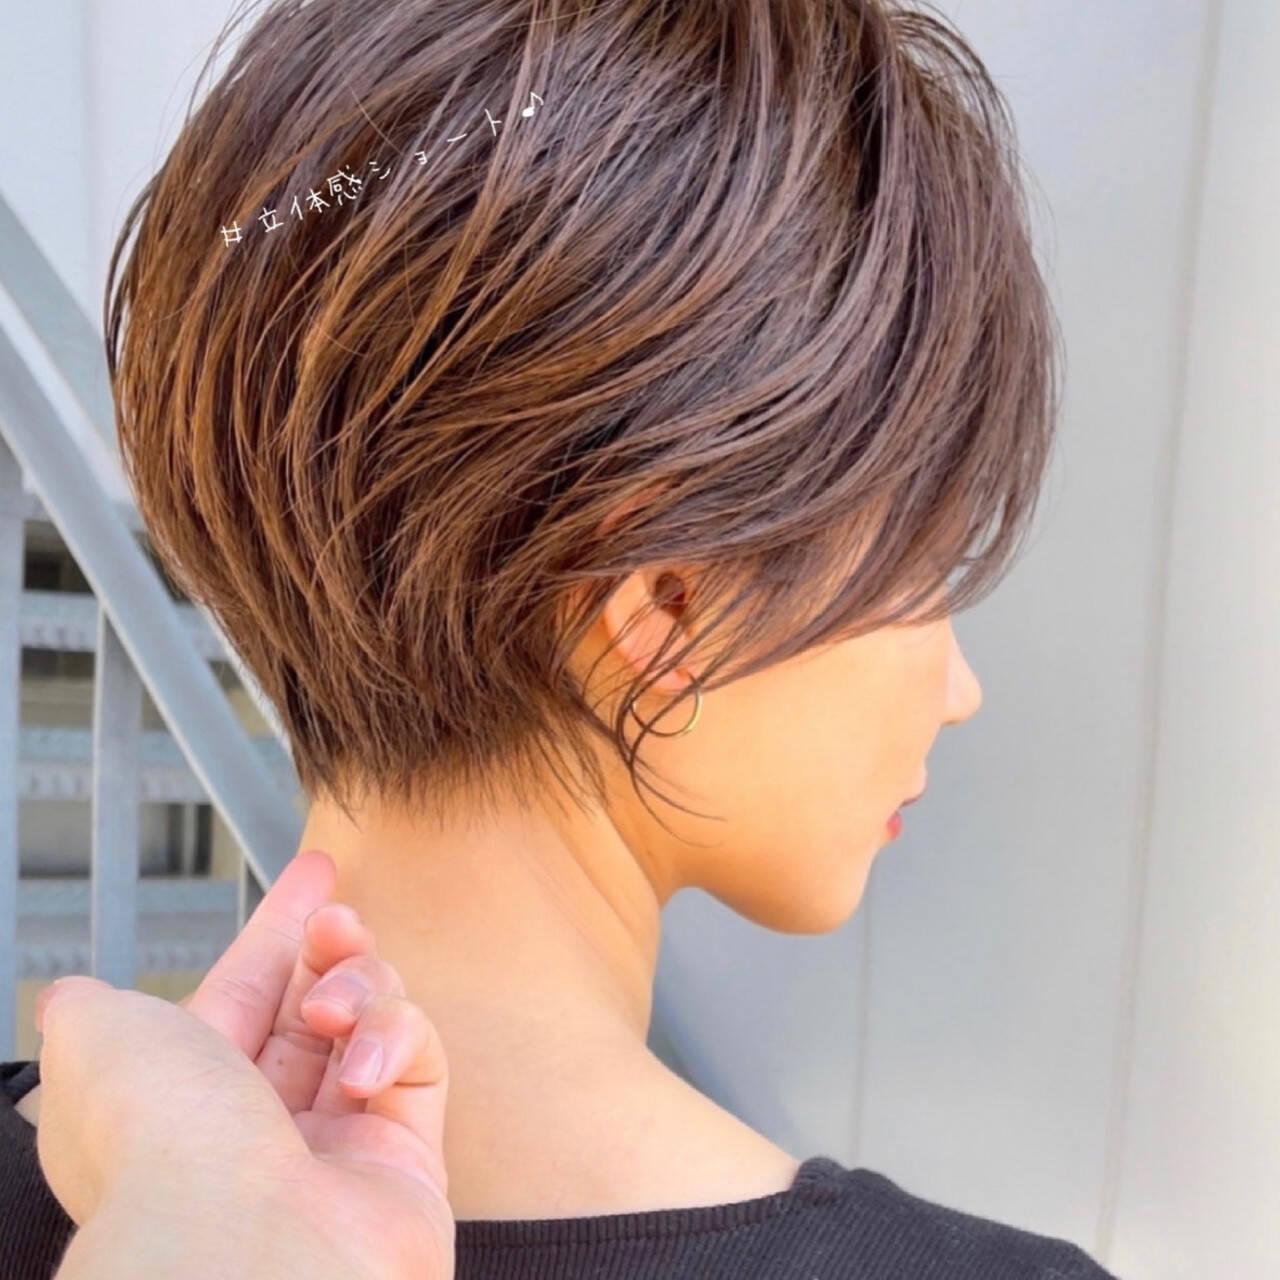 ミニボブ ショートボブ ショートヘア ハンサムショートヘアスタイルや髪型の写真・画像